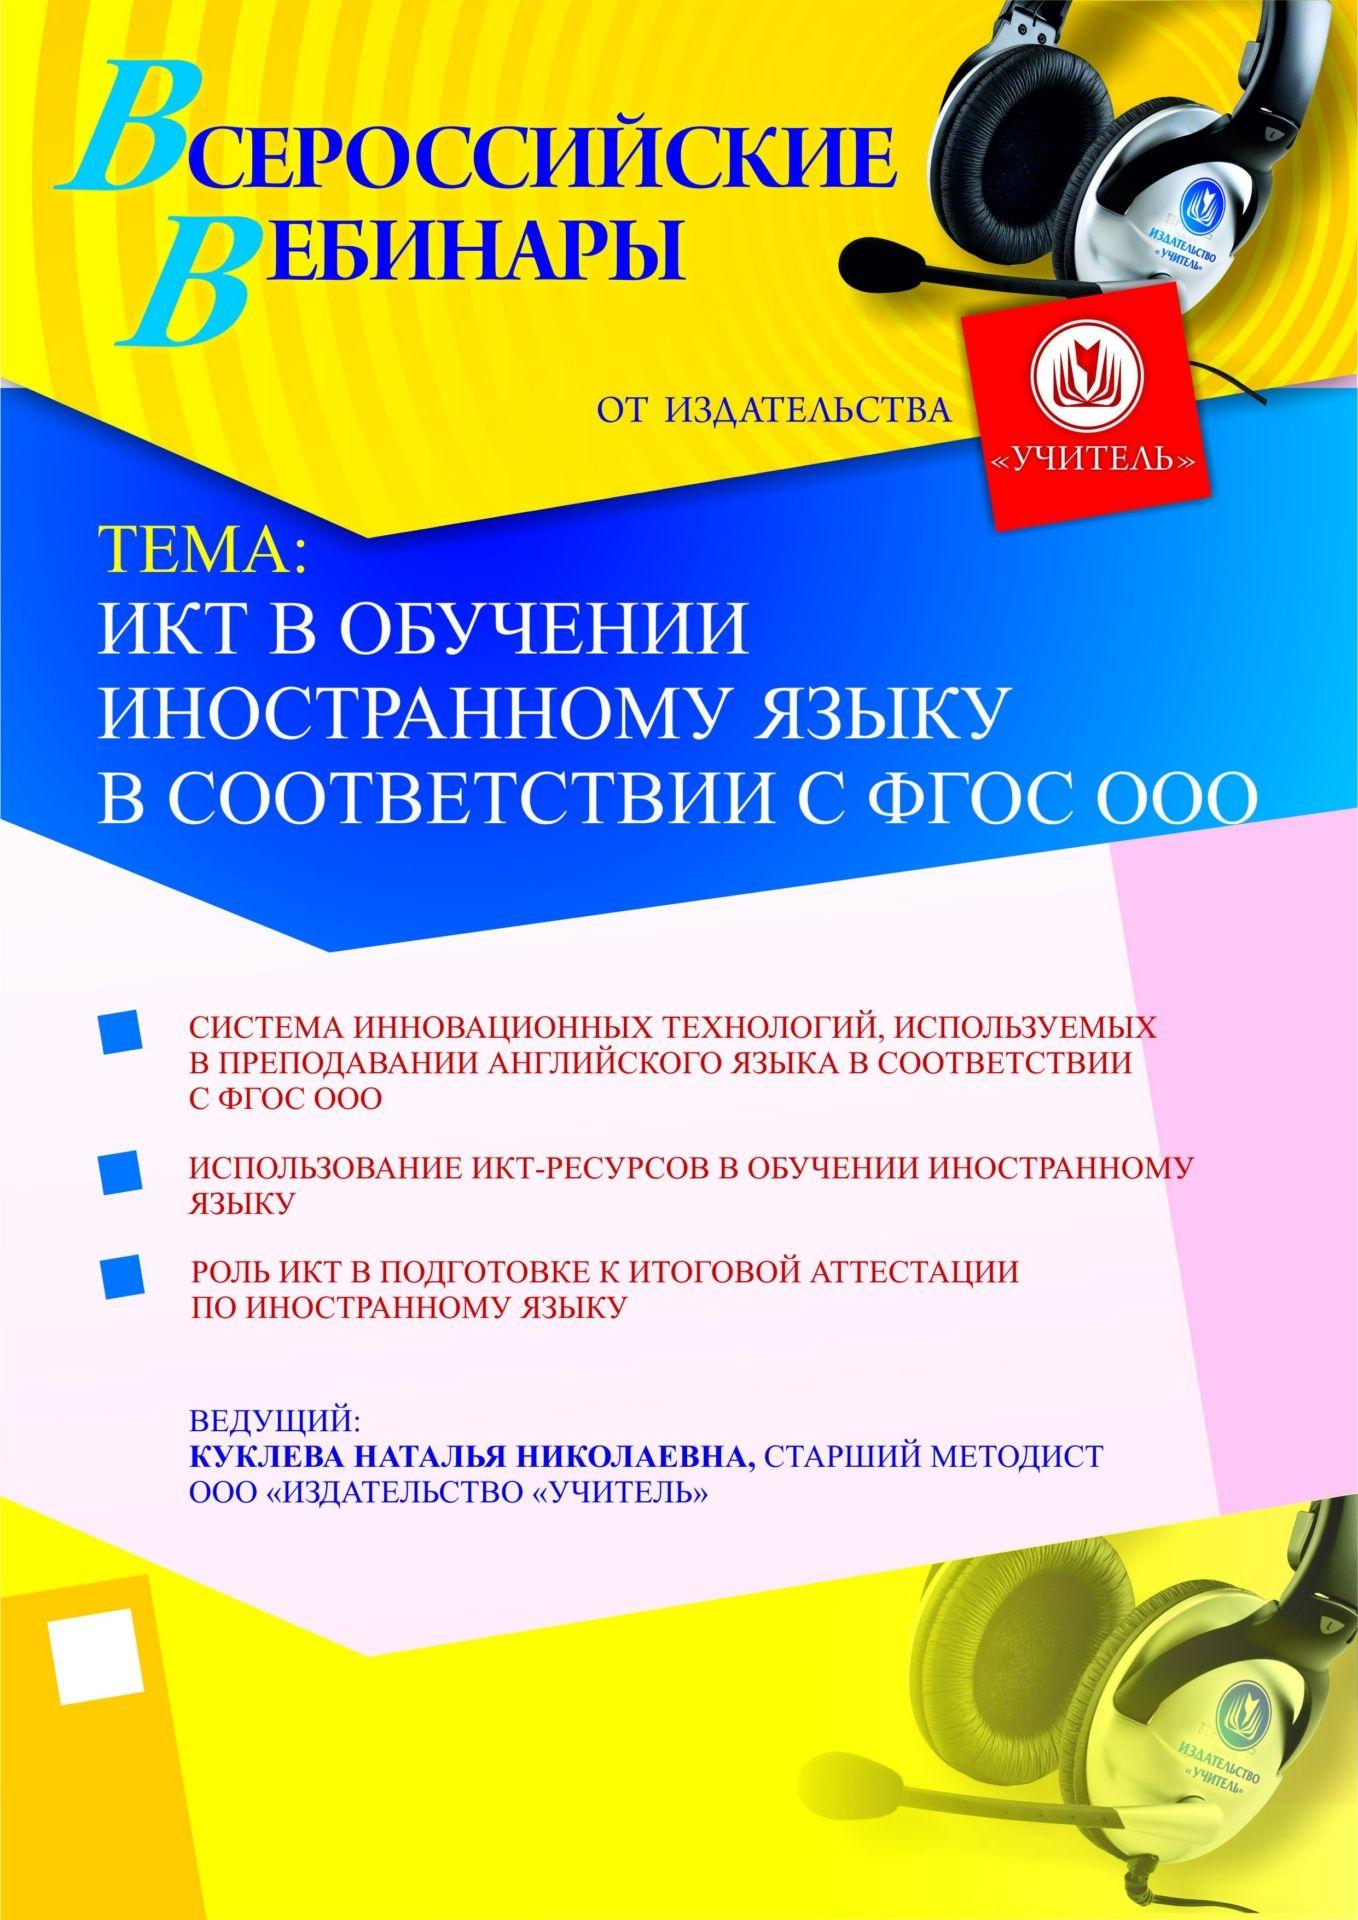 ИКТ в обучении иностранному языку в соответствии с ФГОС ООО фото